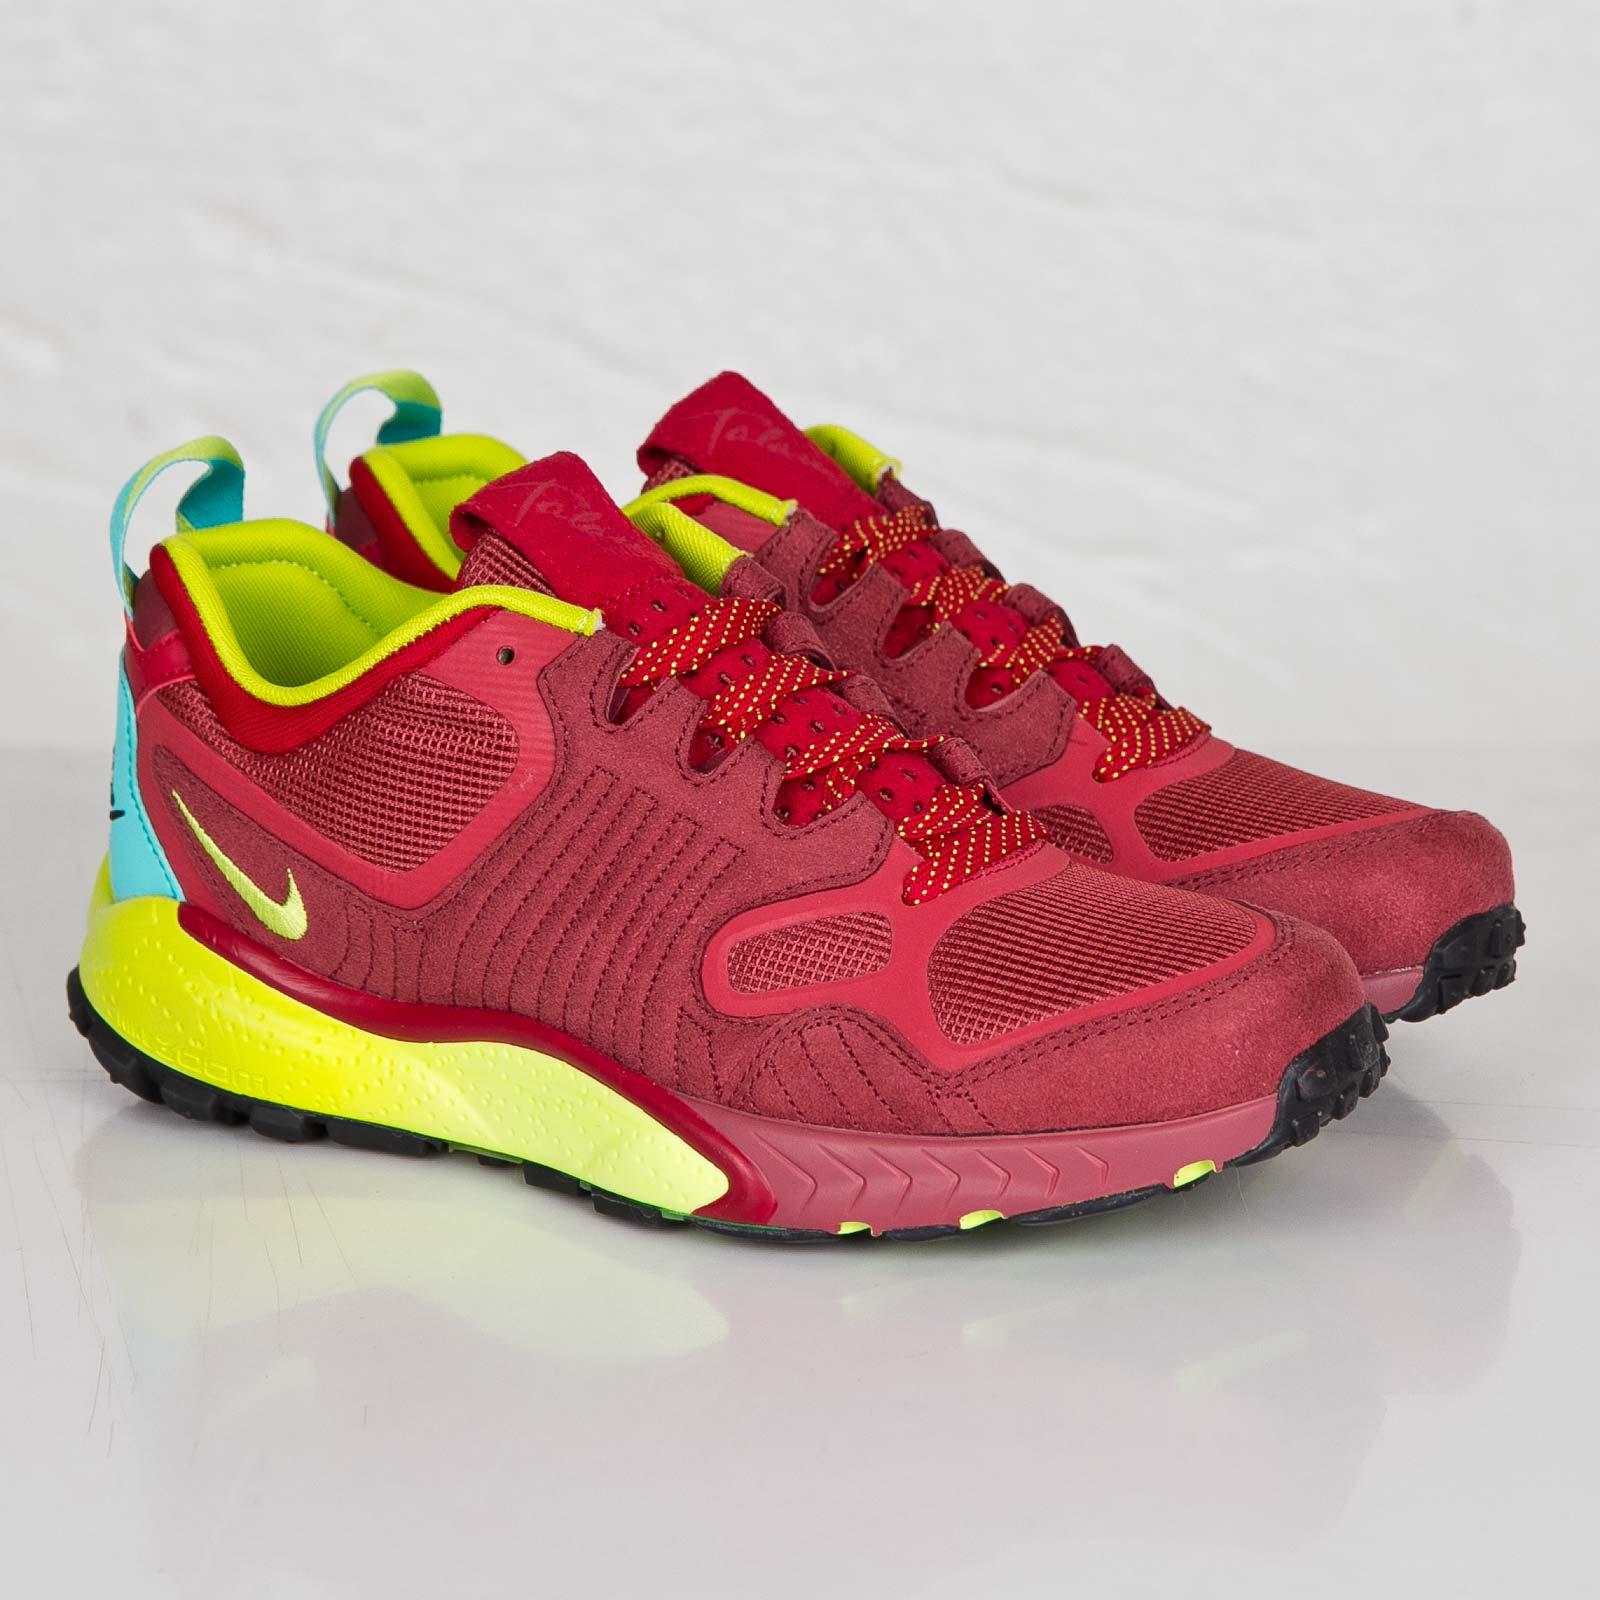 2b6b4d6d5559 Nike Zoom Talaria 2014 - 684757-600 - Sneakersnstuff